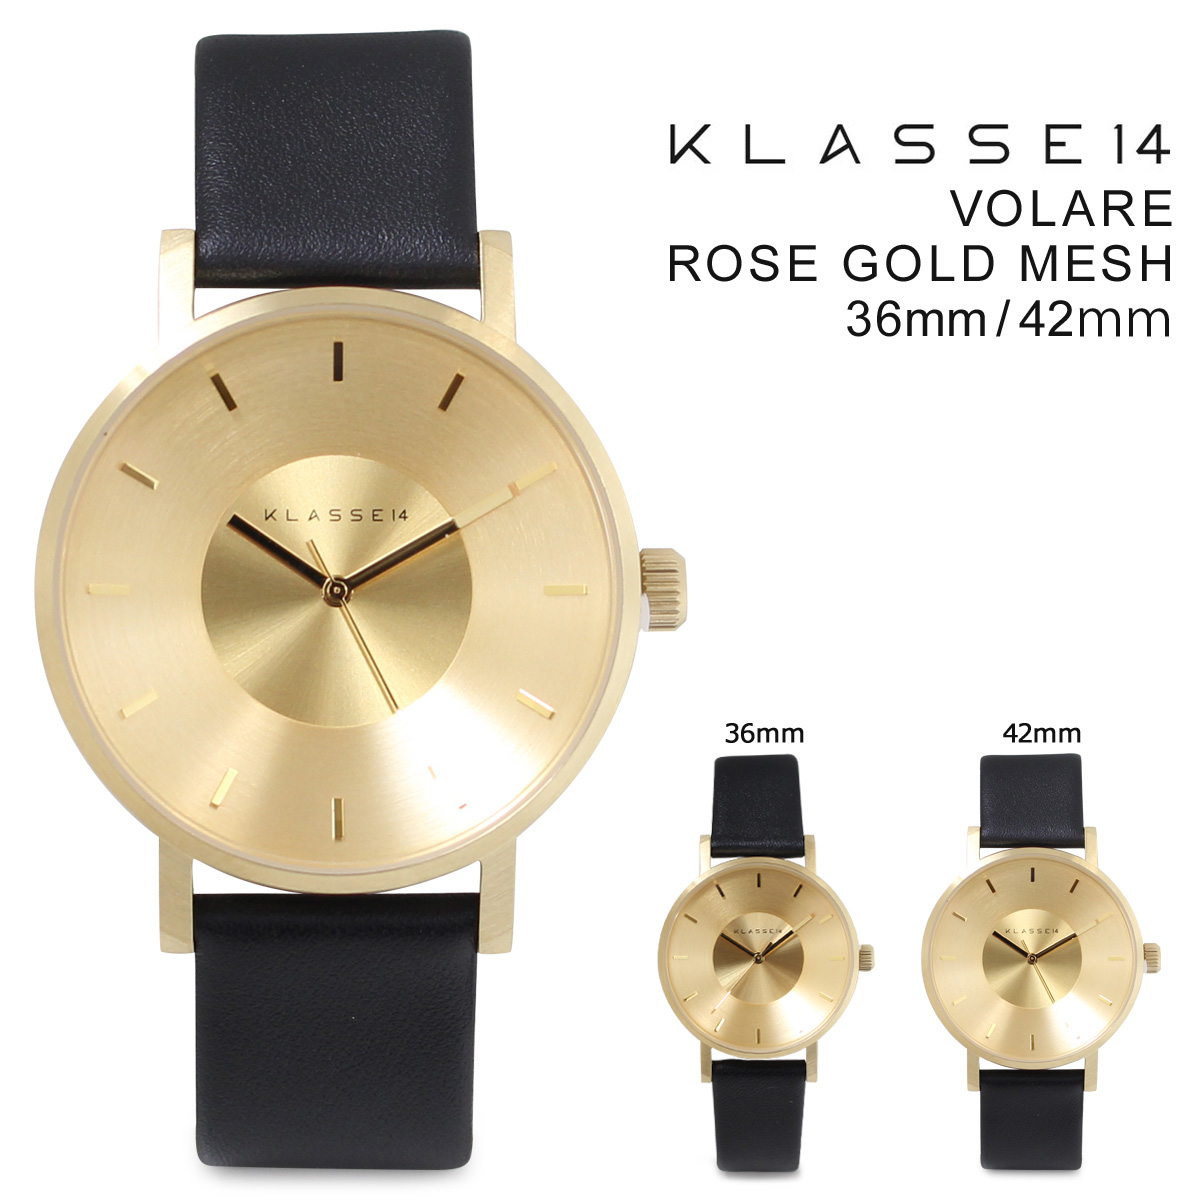 KLASSE14 メンズ クラス14 42mm 36mm レディース 腕時計 VOLARE GOLD ヴォラーレ VO14GD001M VO14GD001W